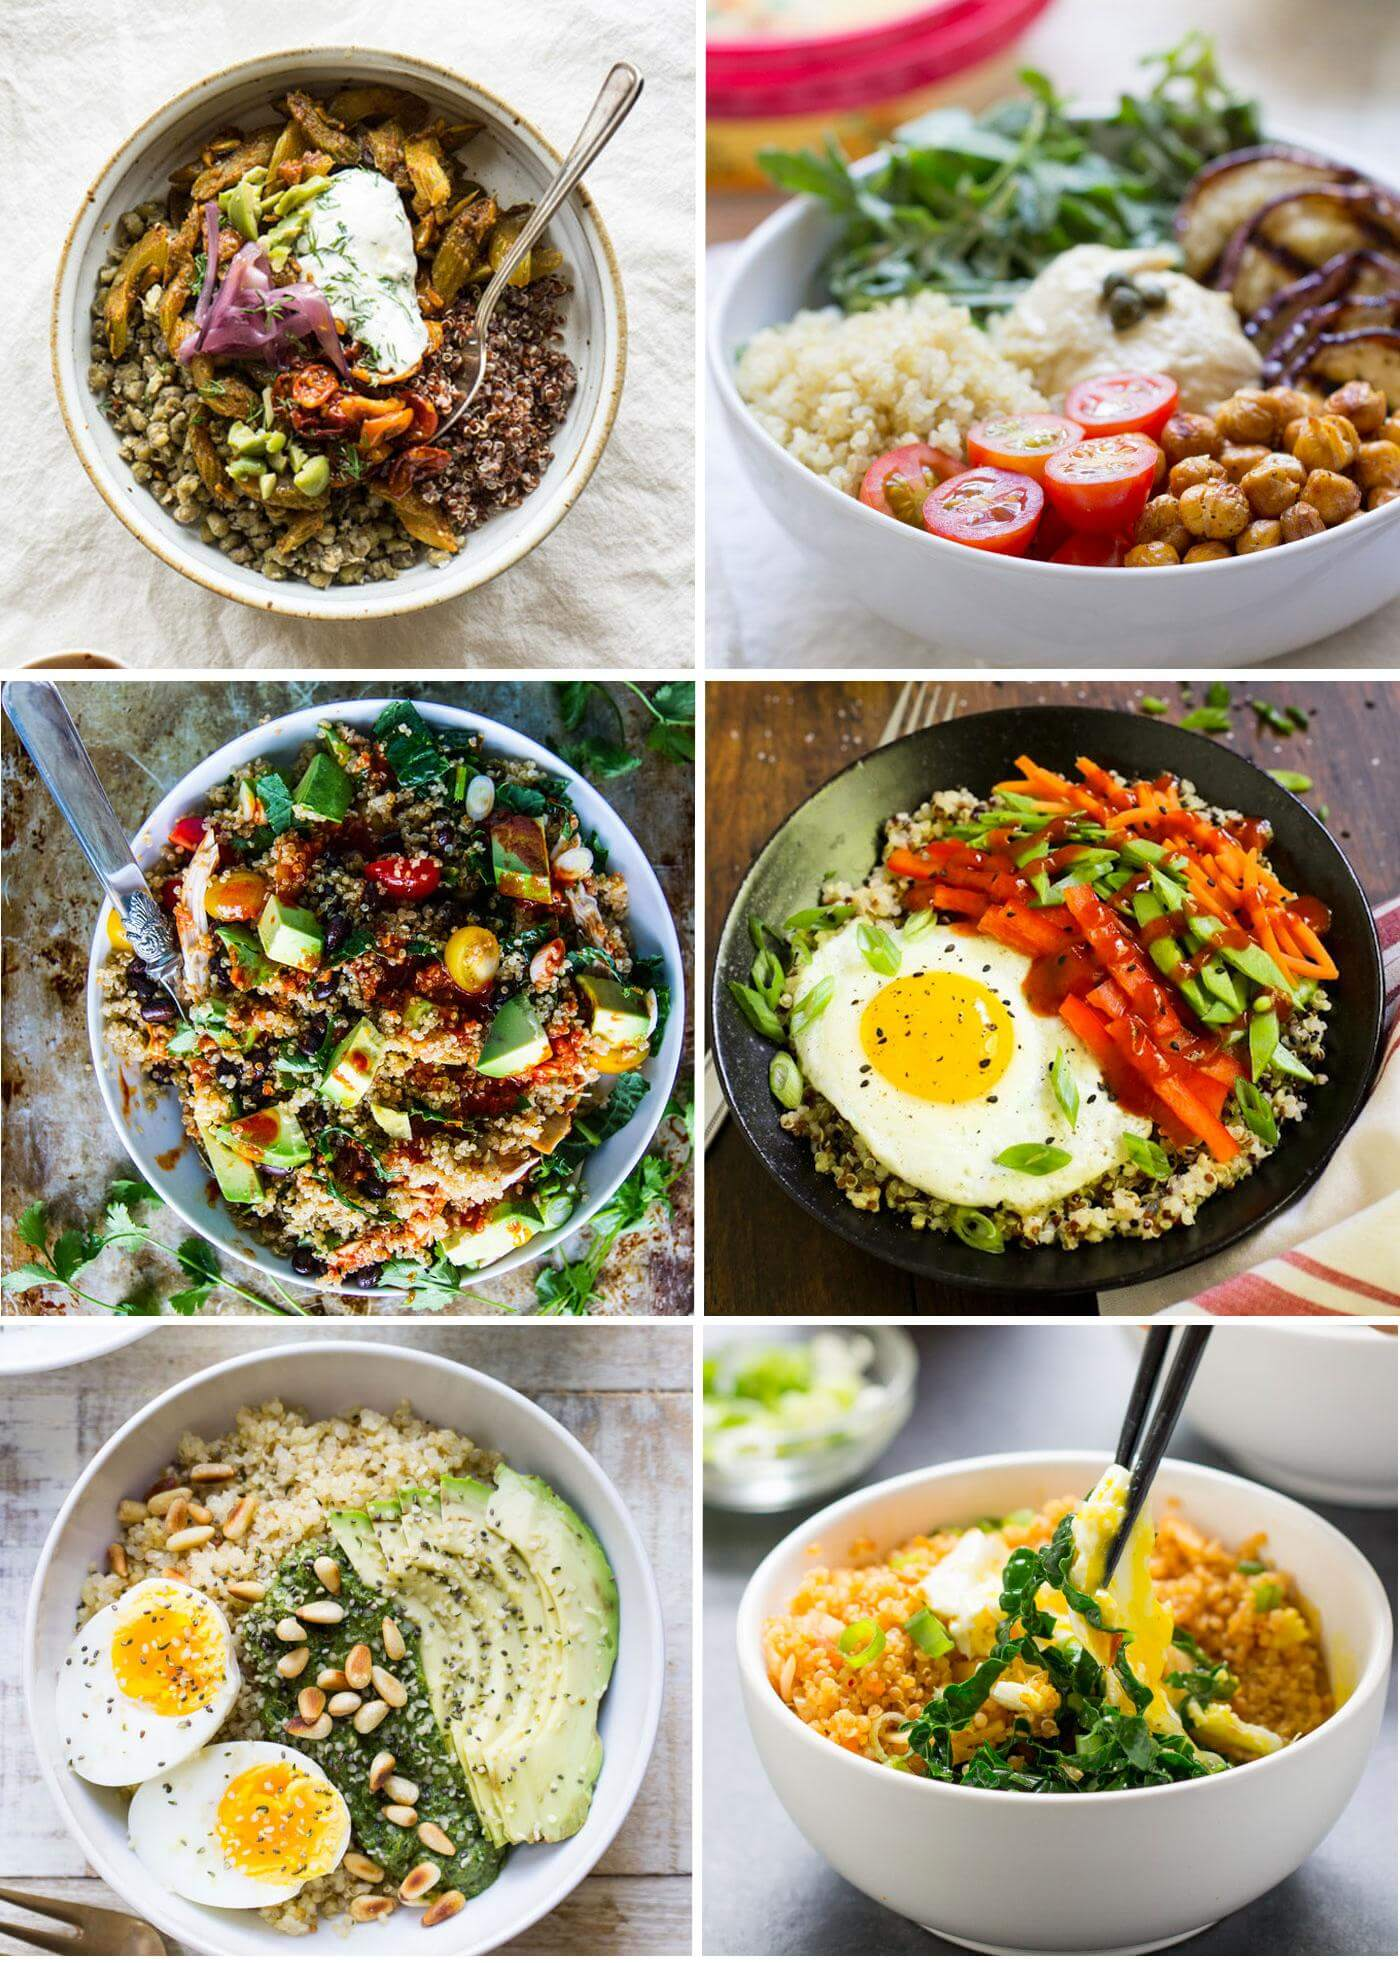 Recetas de quinoa bajas en calor as cuantas calorias for Cocinar 1 taza de quinoa